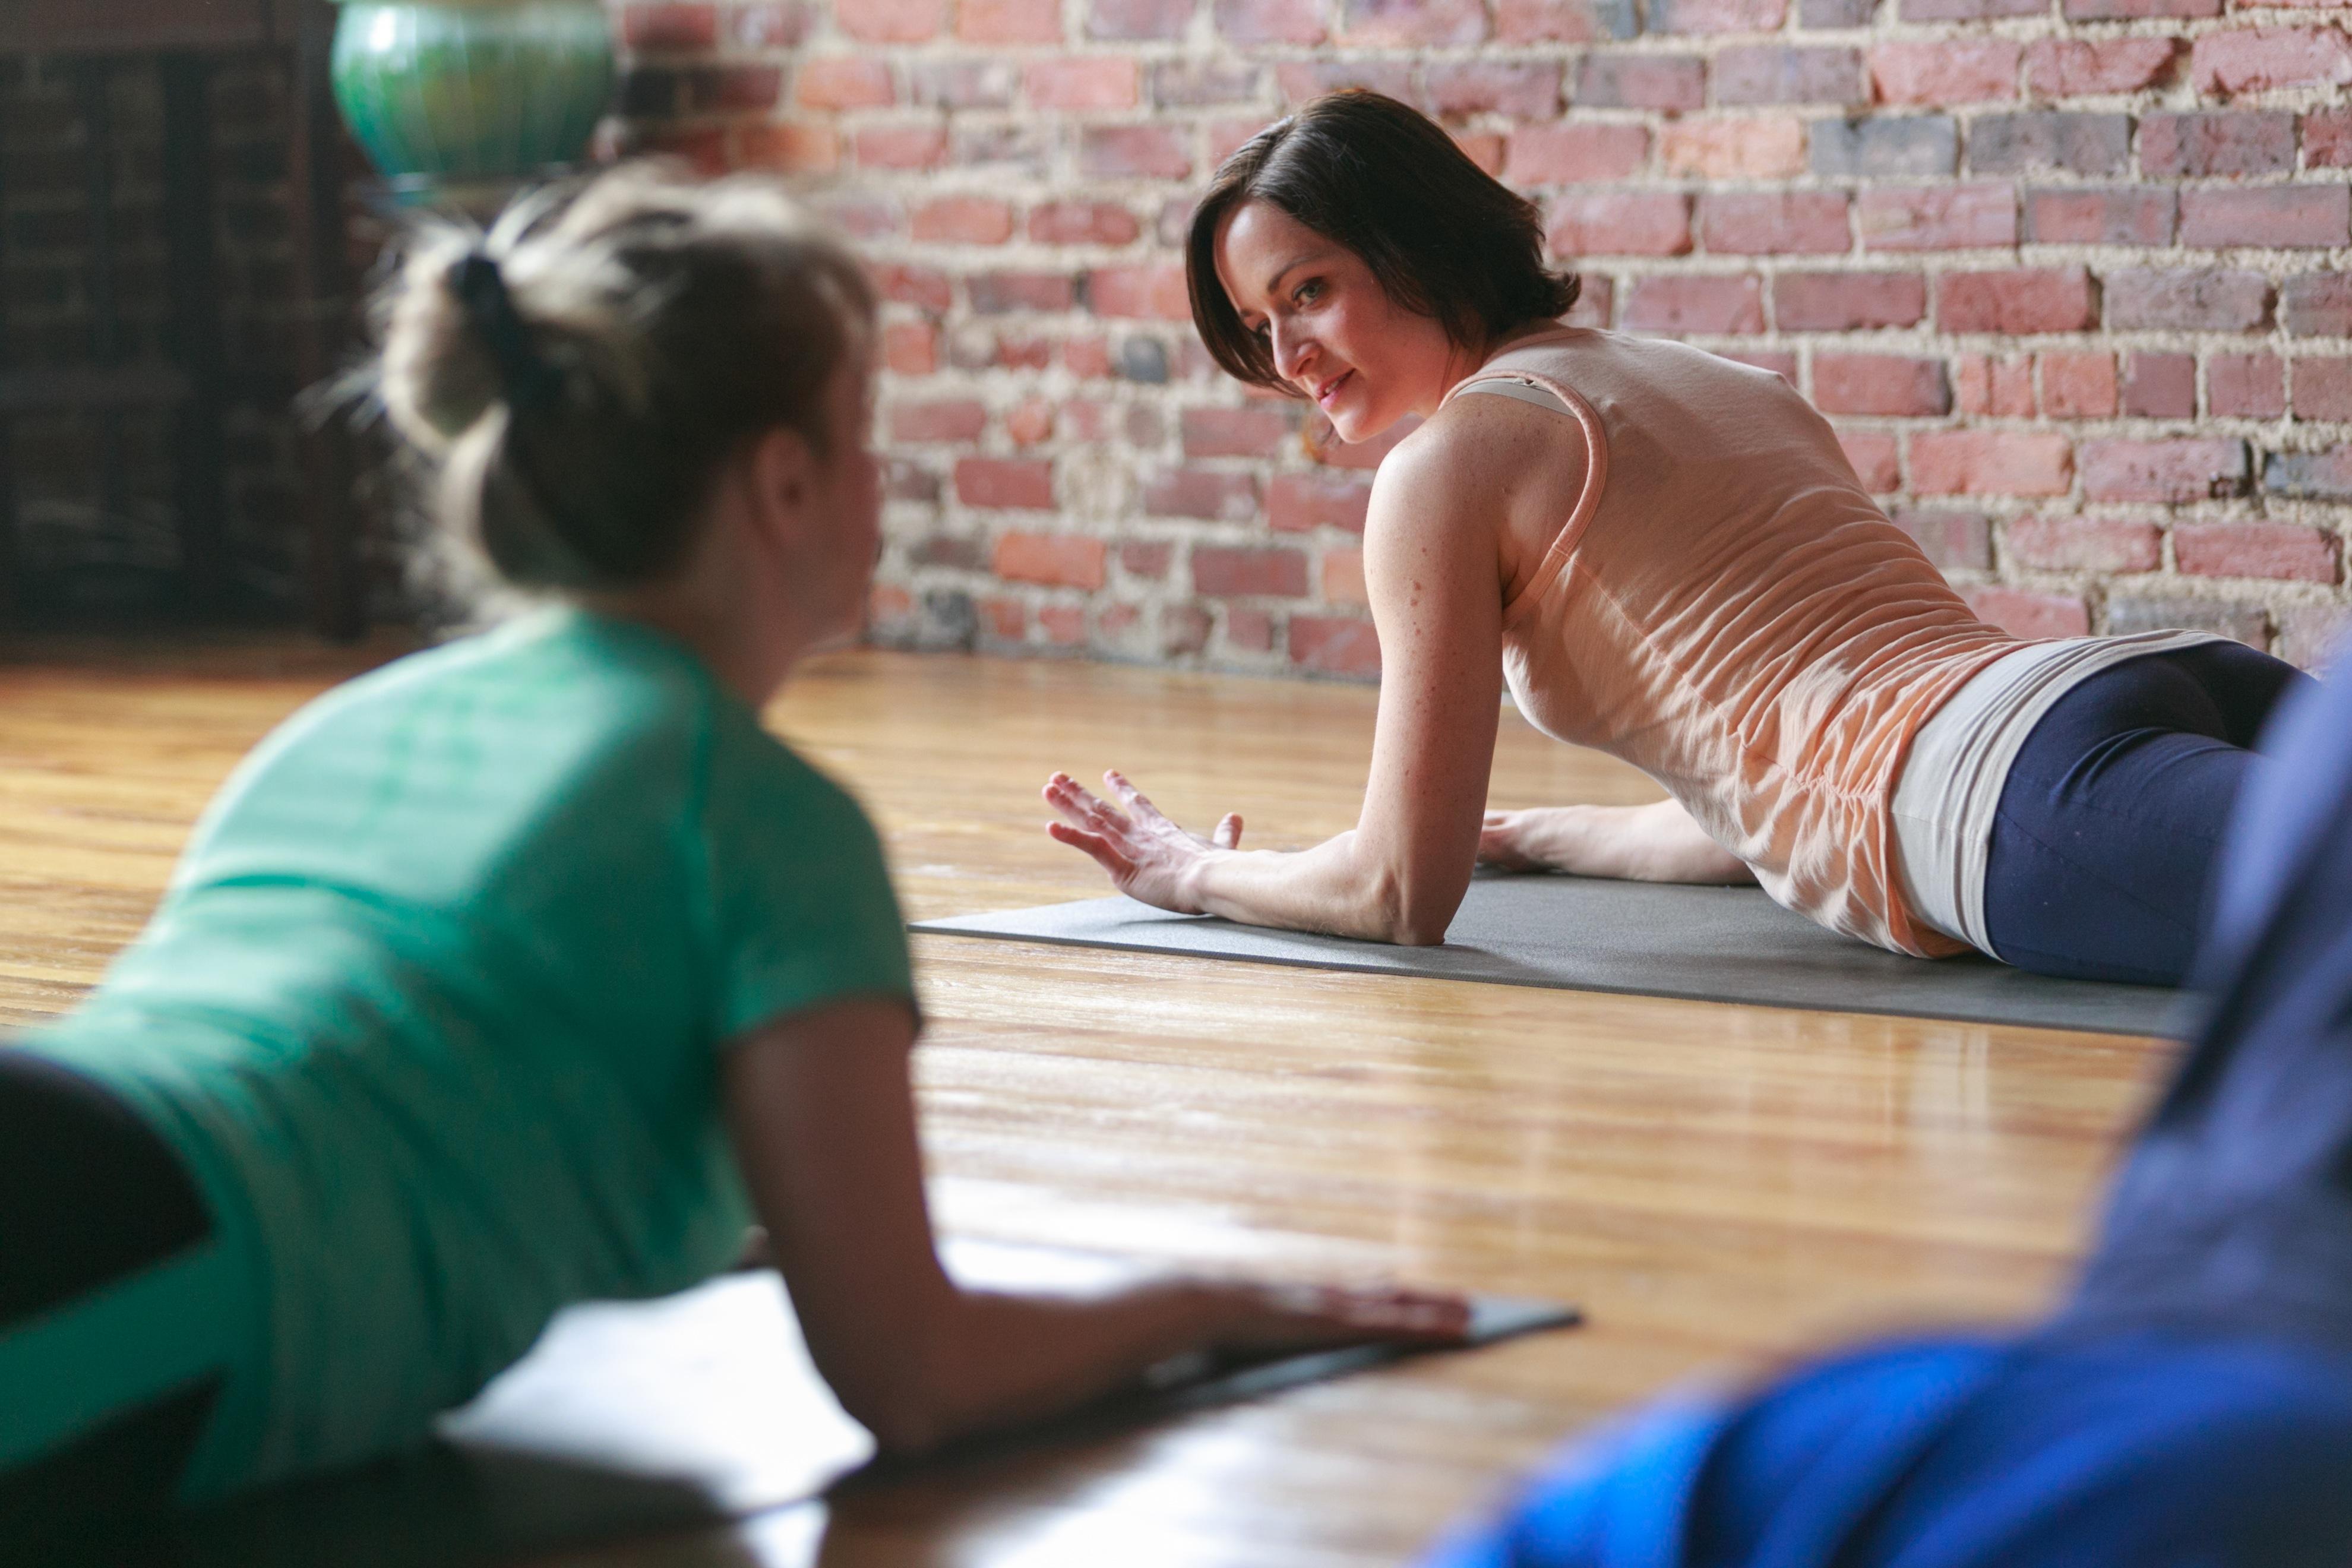 Photo courtesy of Borealis Community Yoga